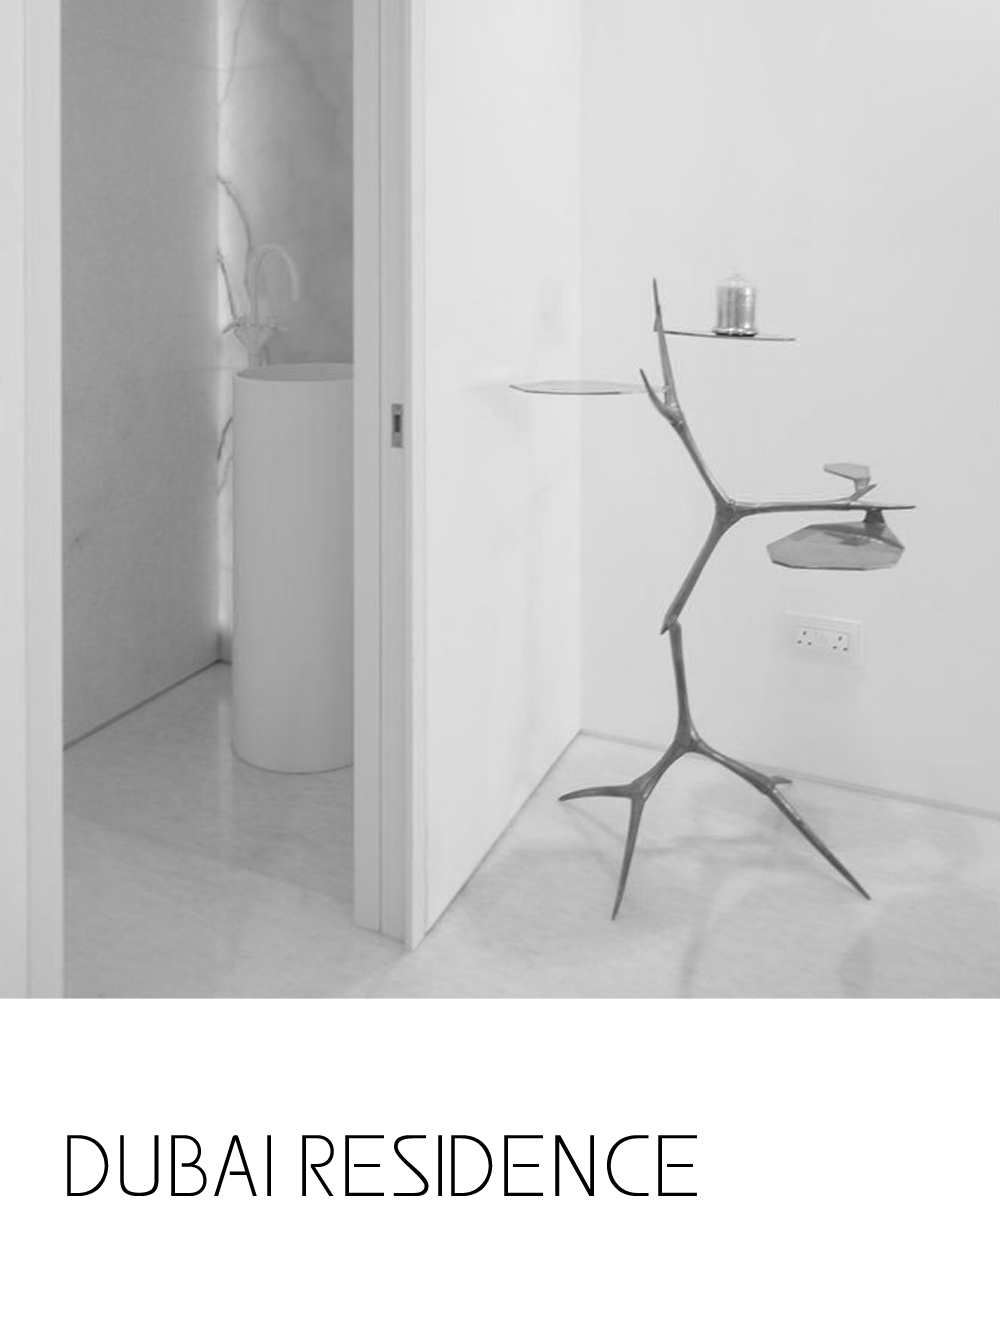 Dubai Residence